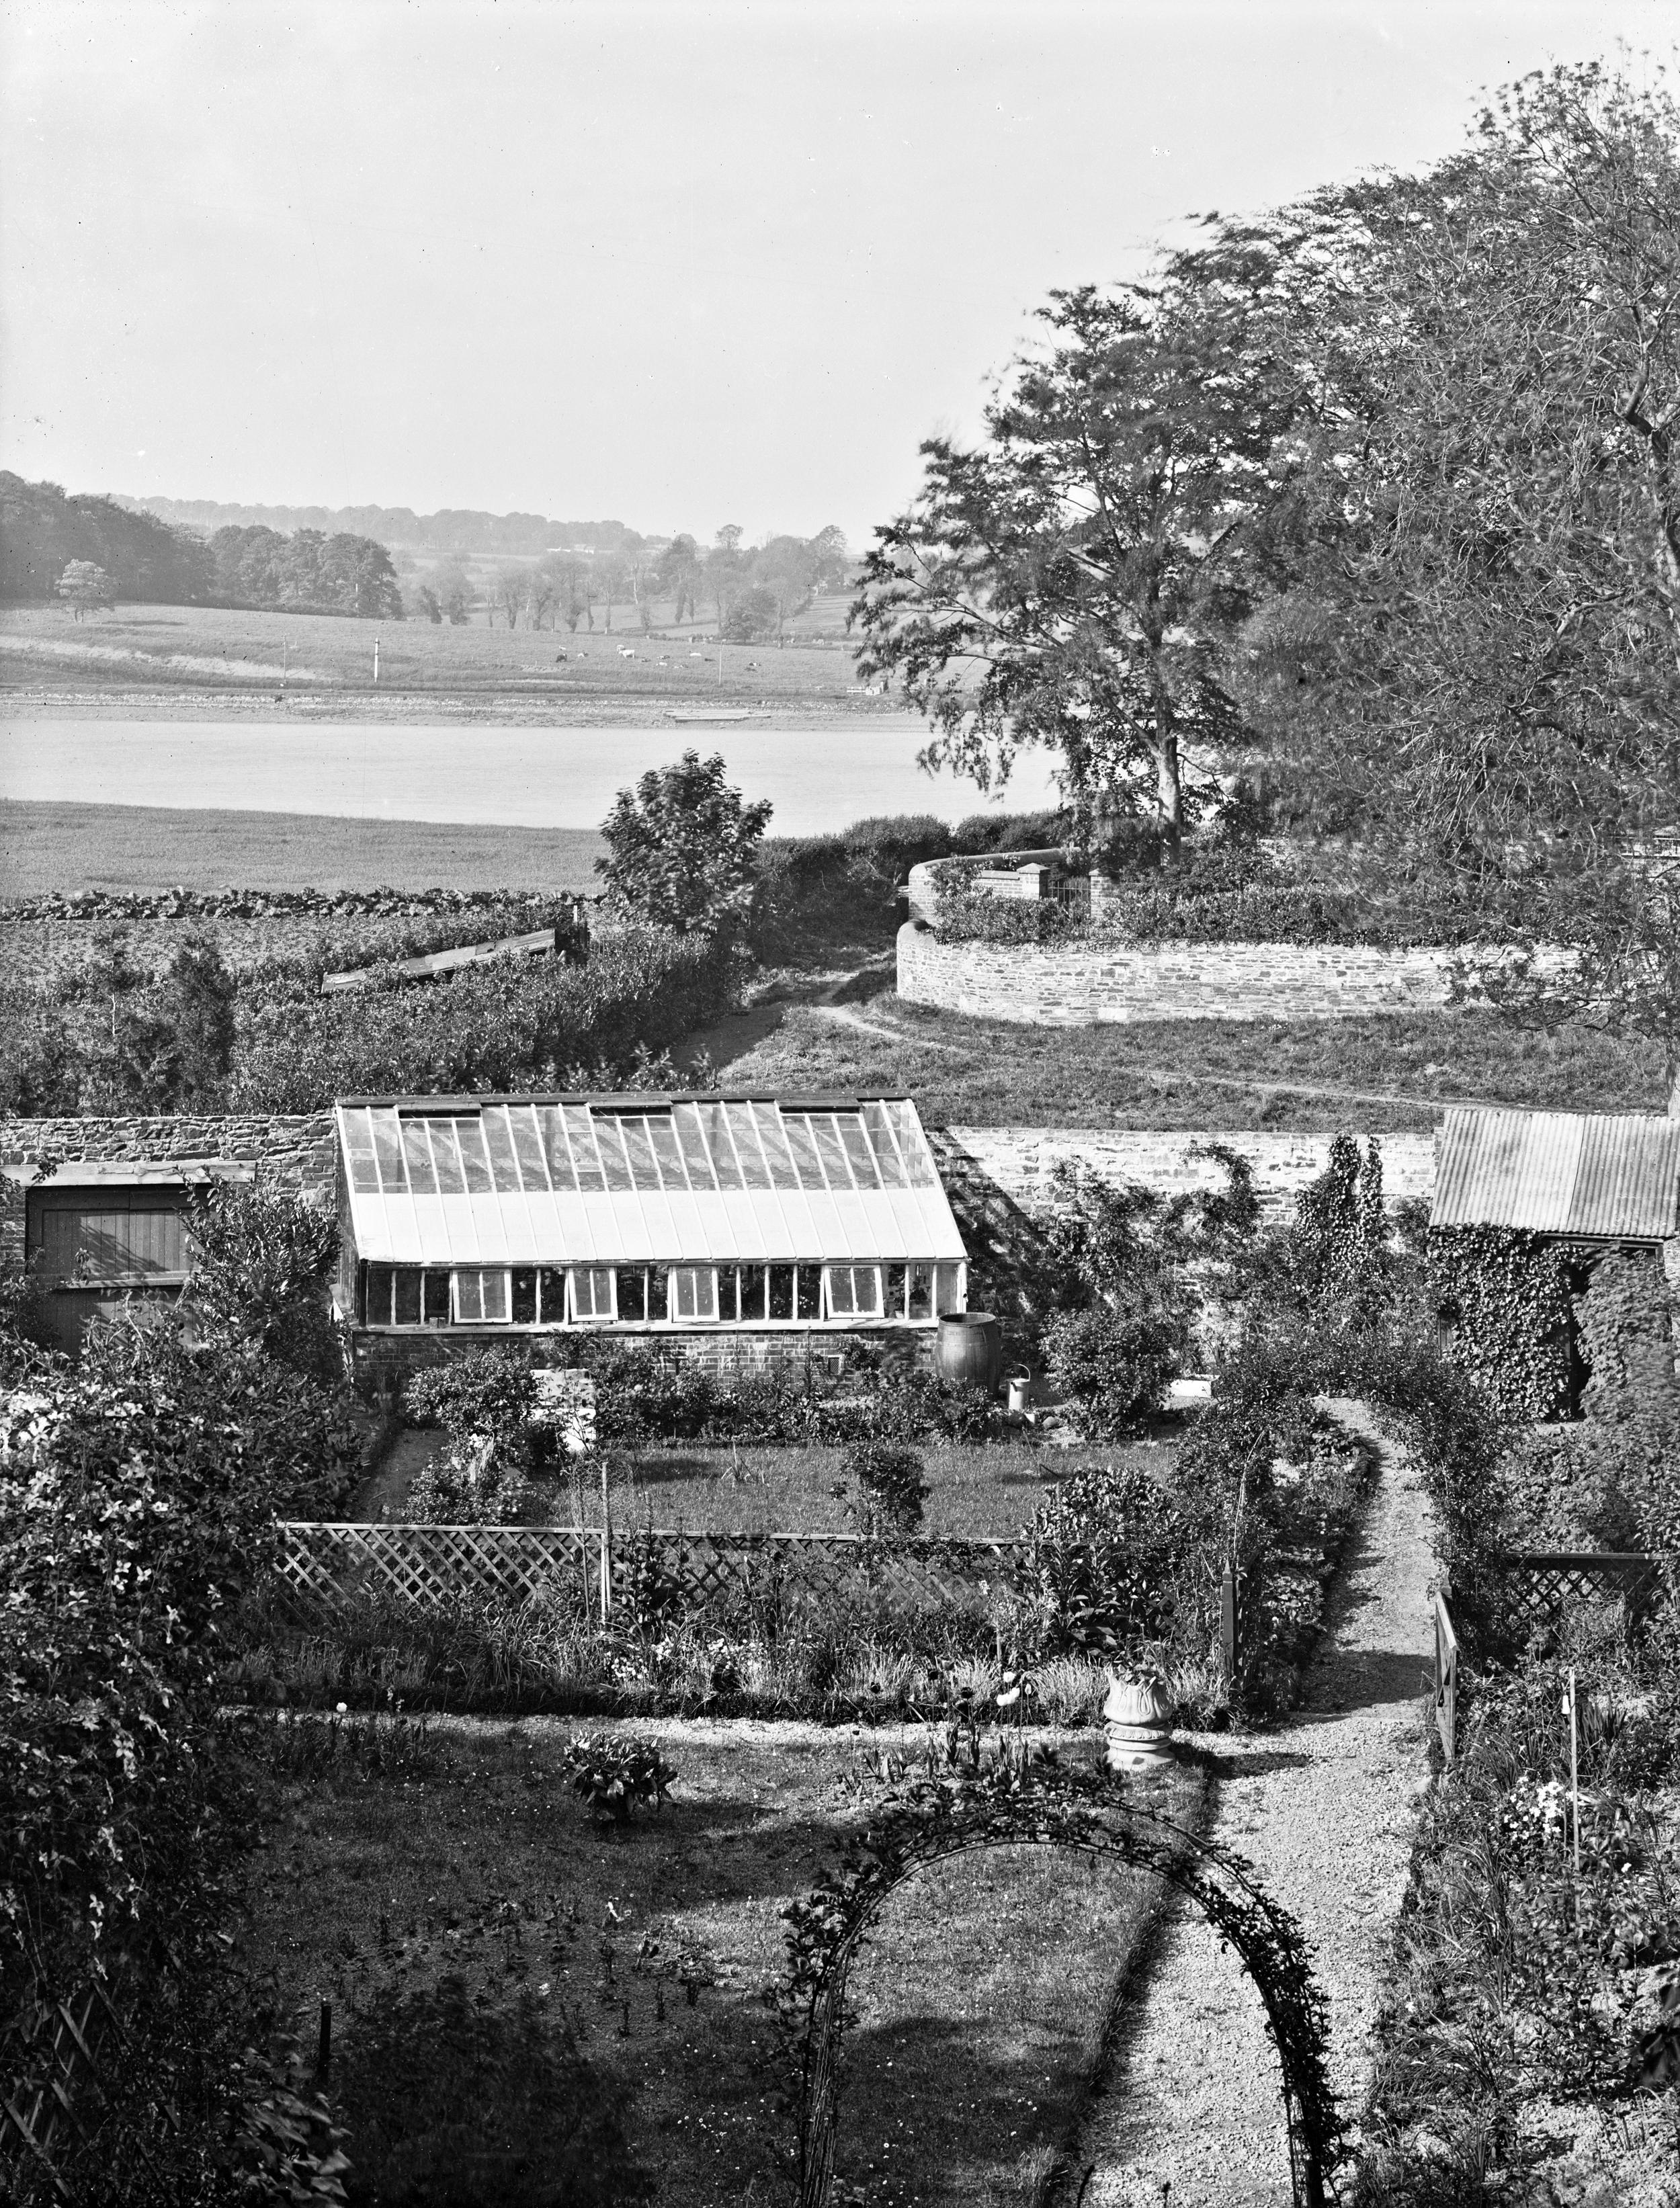 Mrs. Murphy's back garden